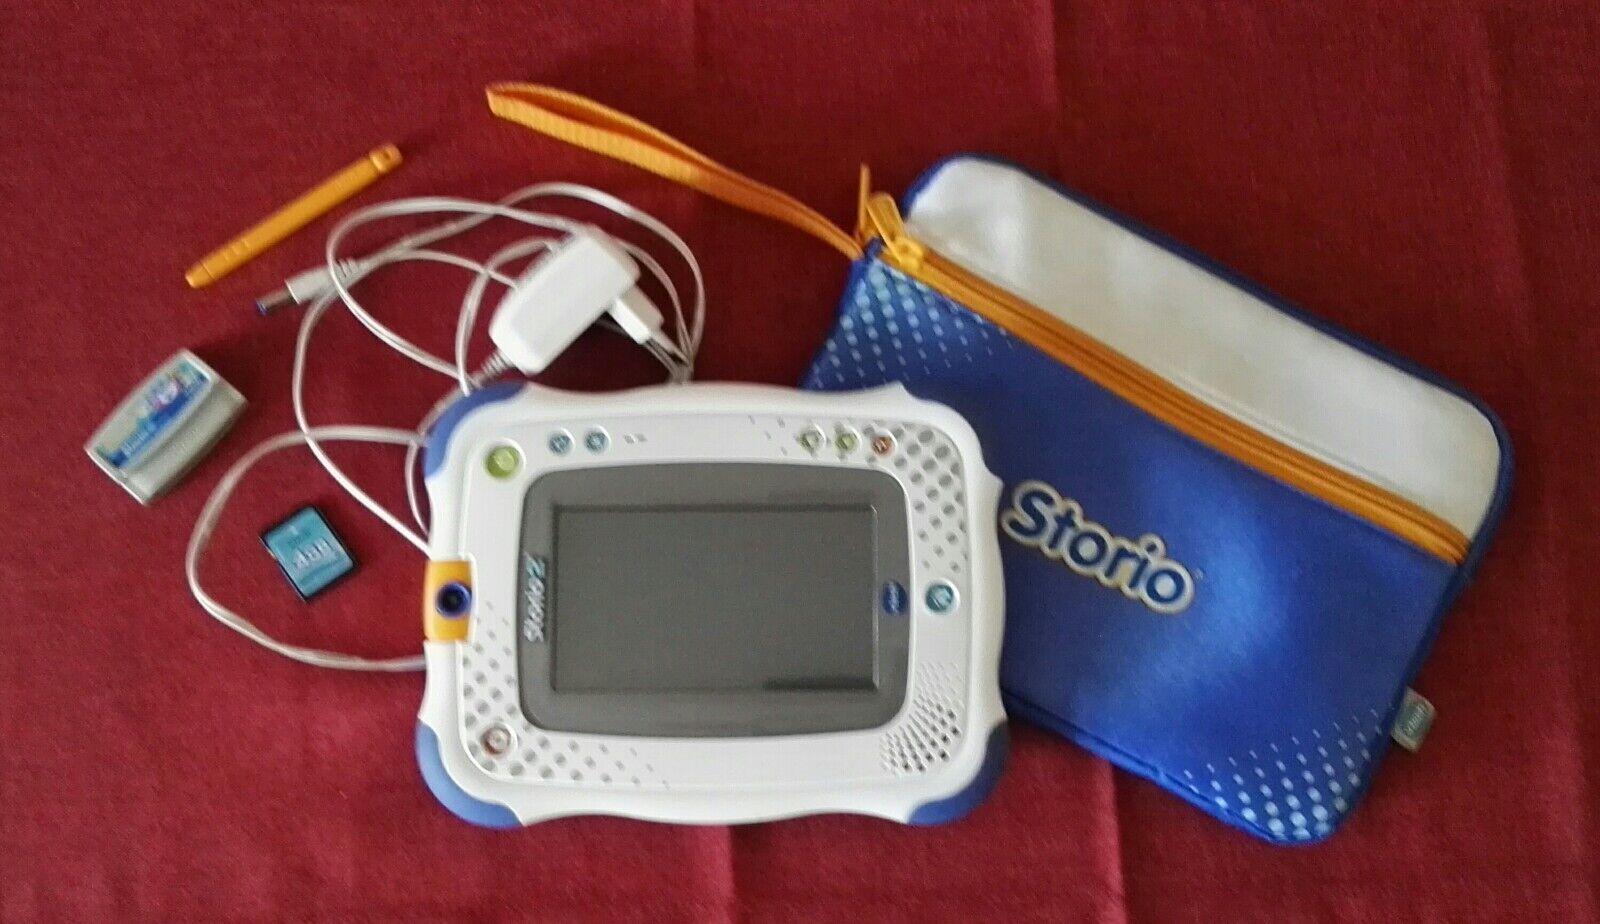 Storio 2 VTech/ 3 Spiele/ Lernspiele Apps/ Netzteil